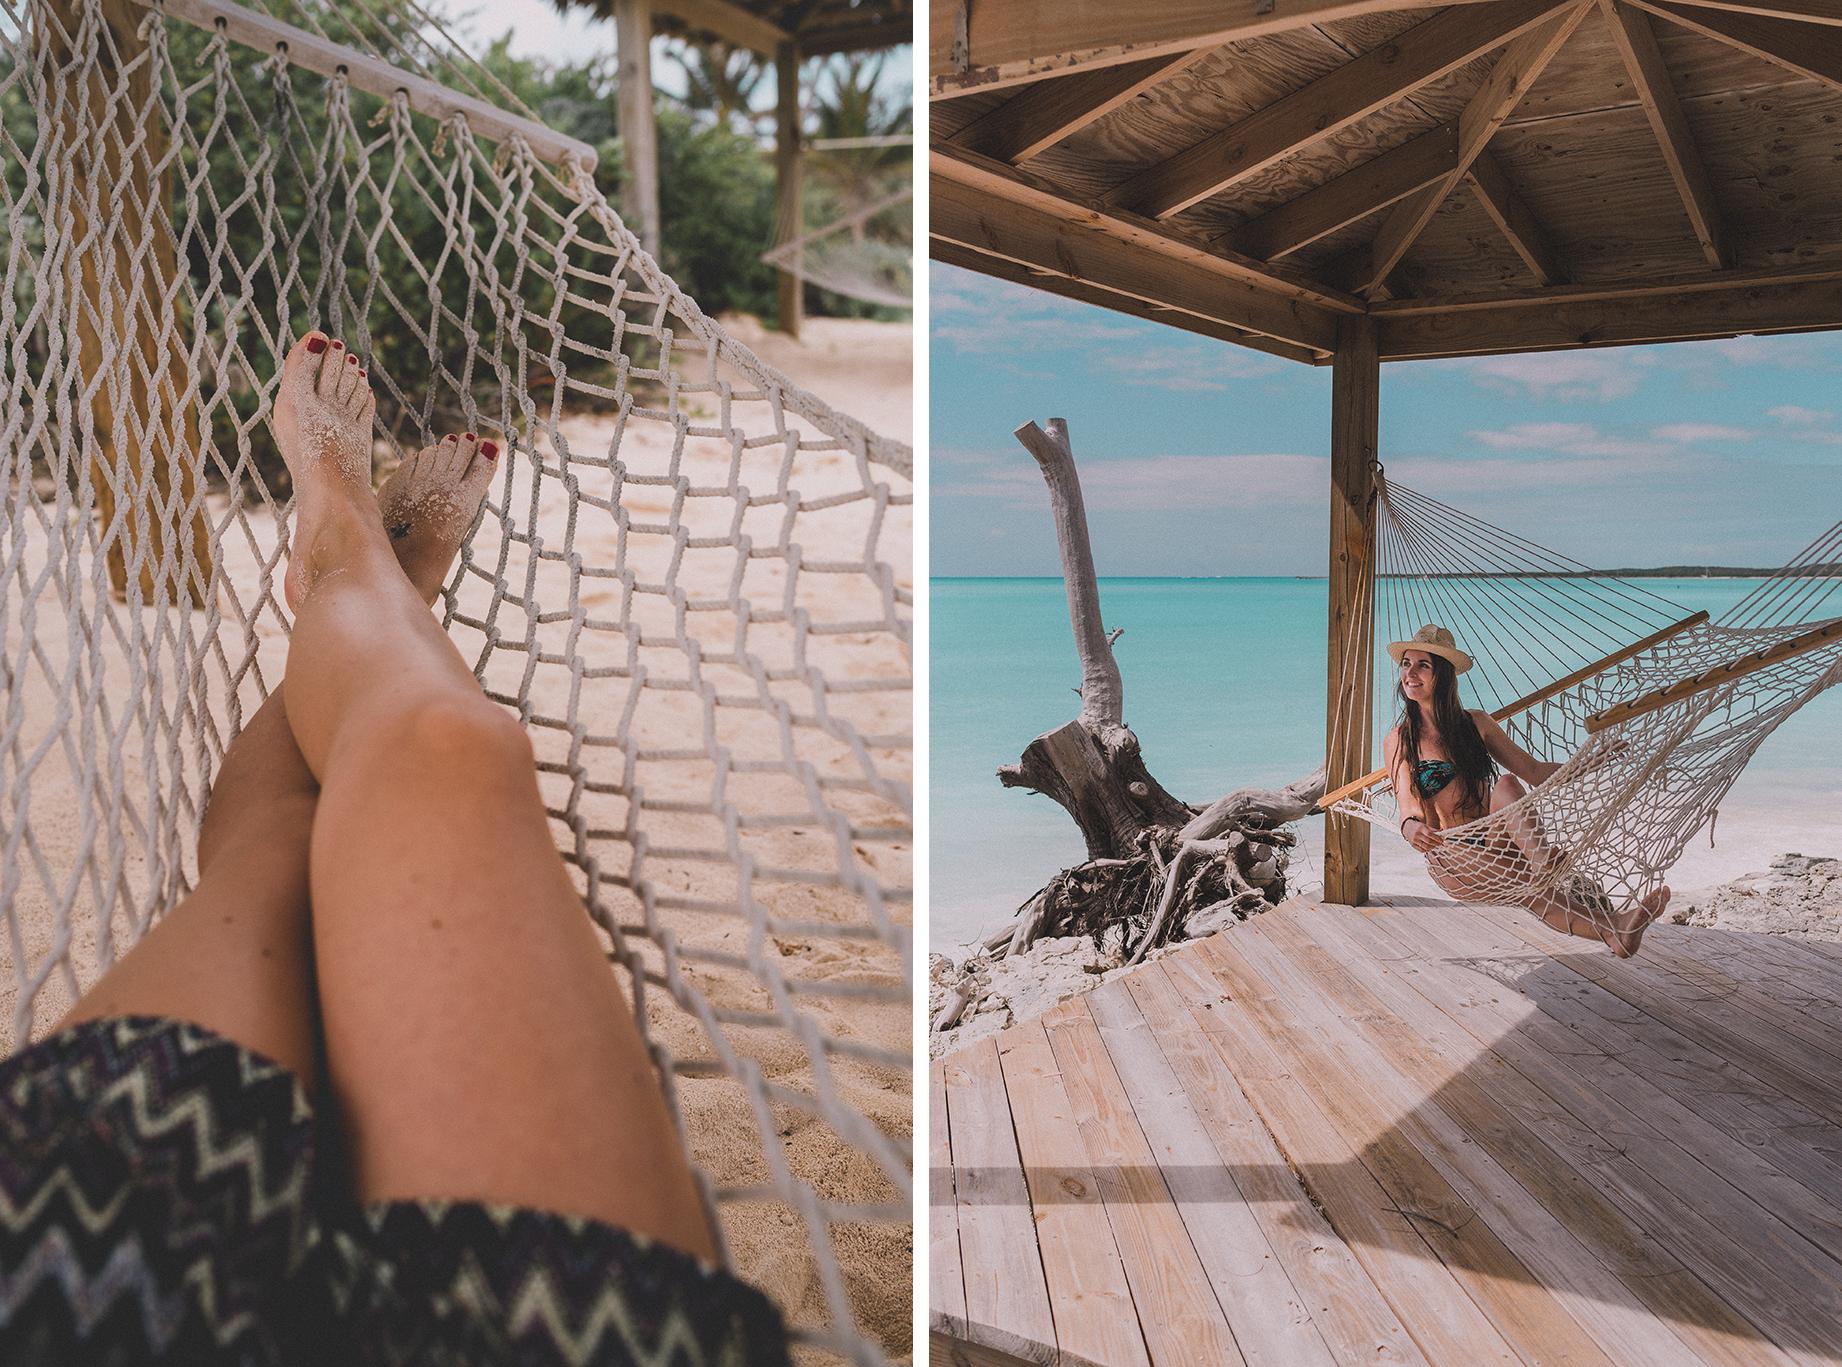 Séjour détente aux Bahamas